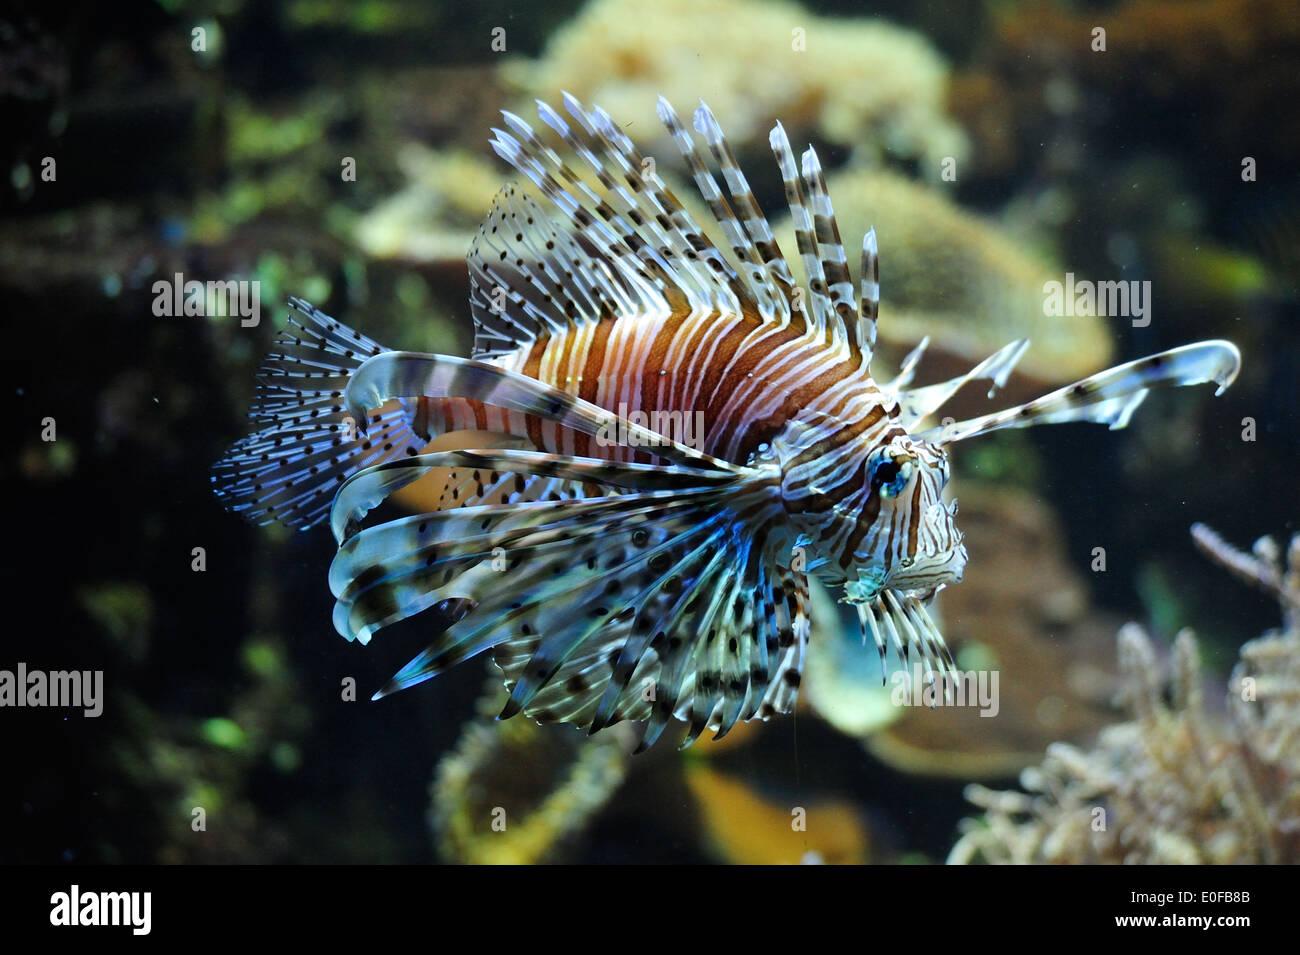 Feuerfisch • Nürnberg, Bayern, Deutschland - Stock Image